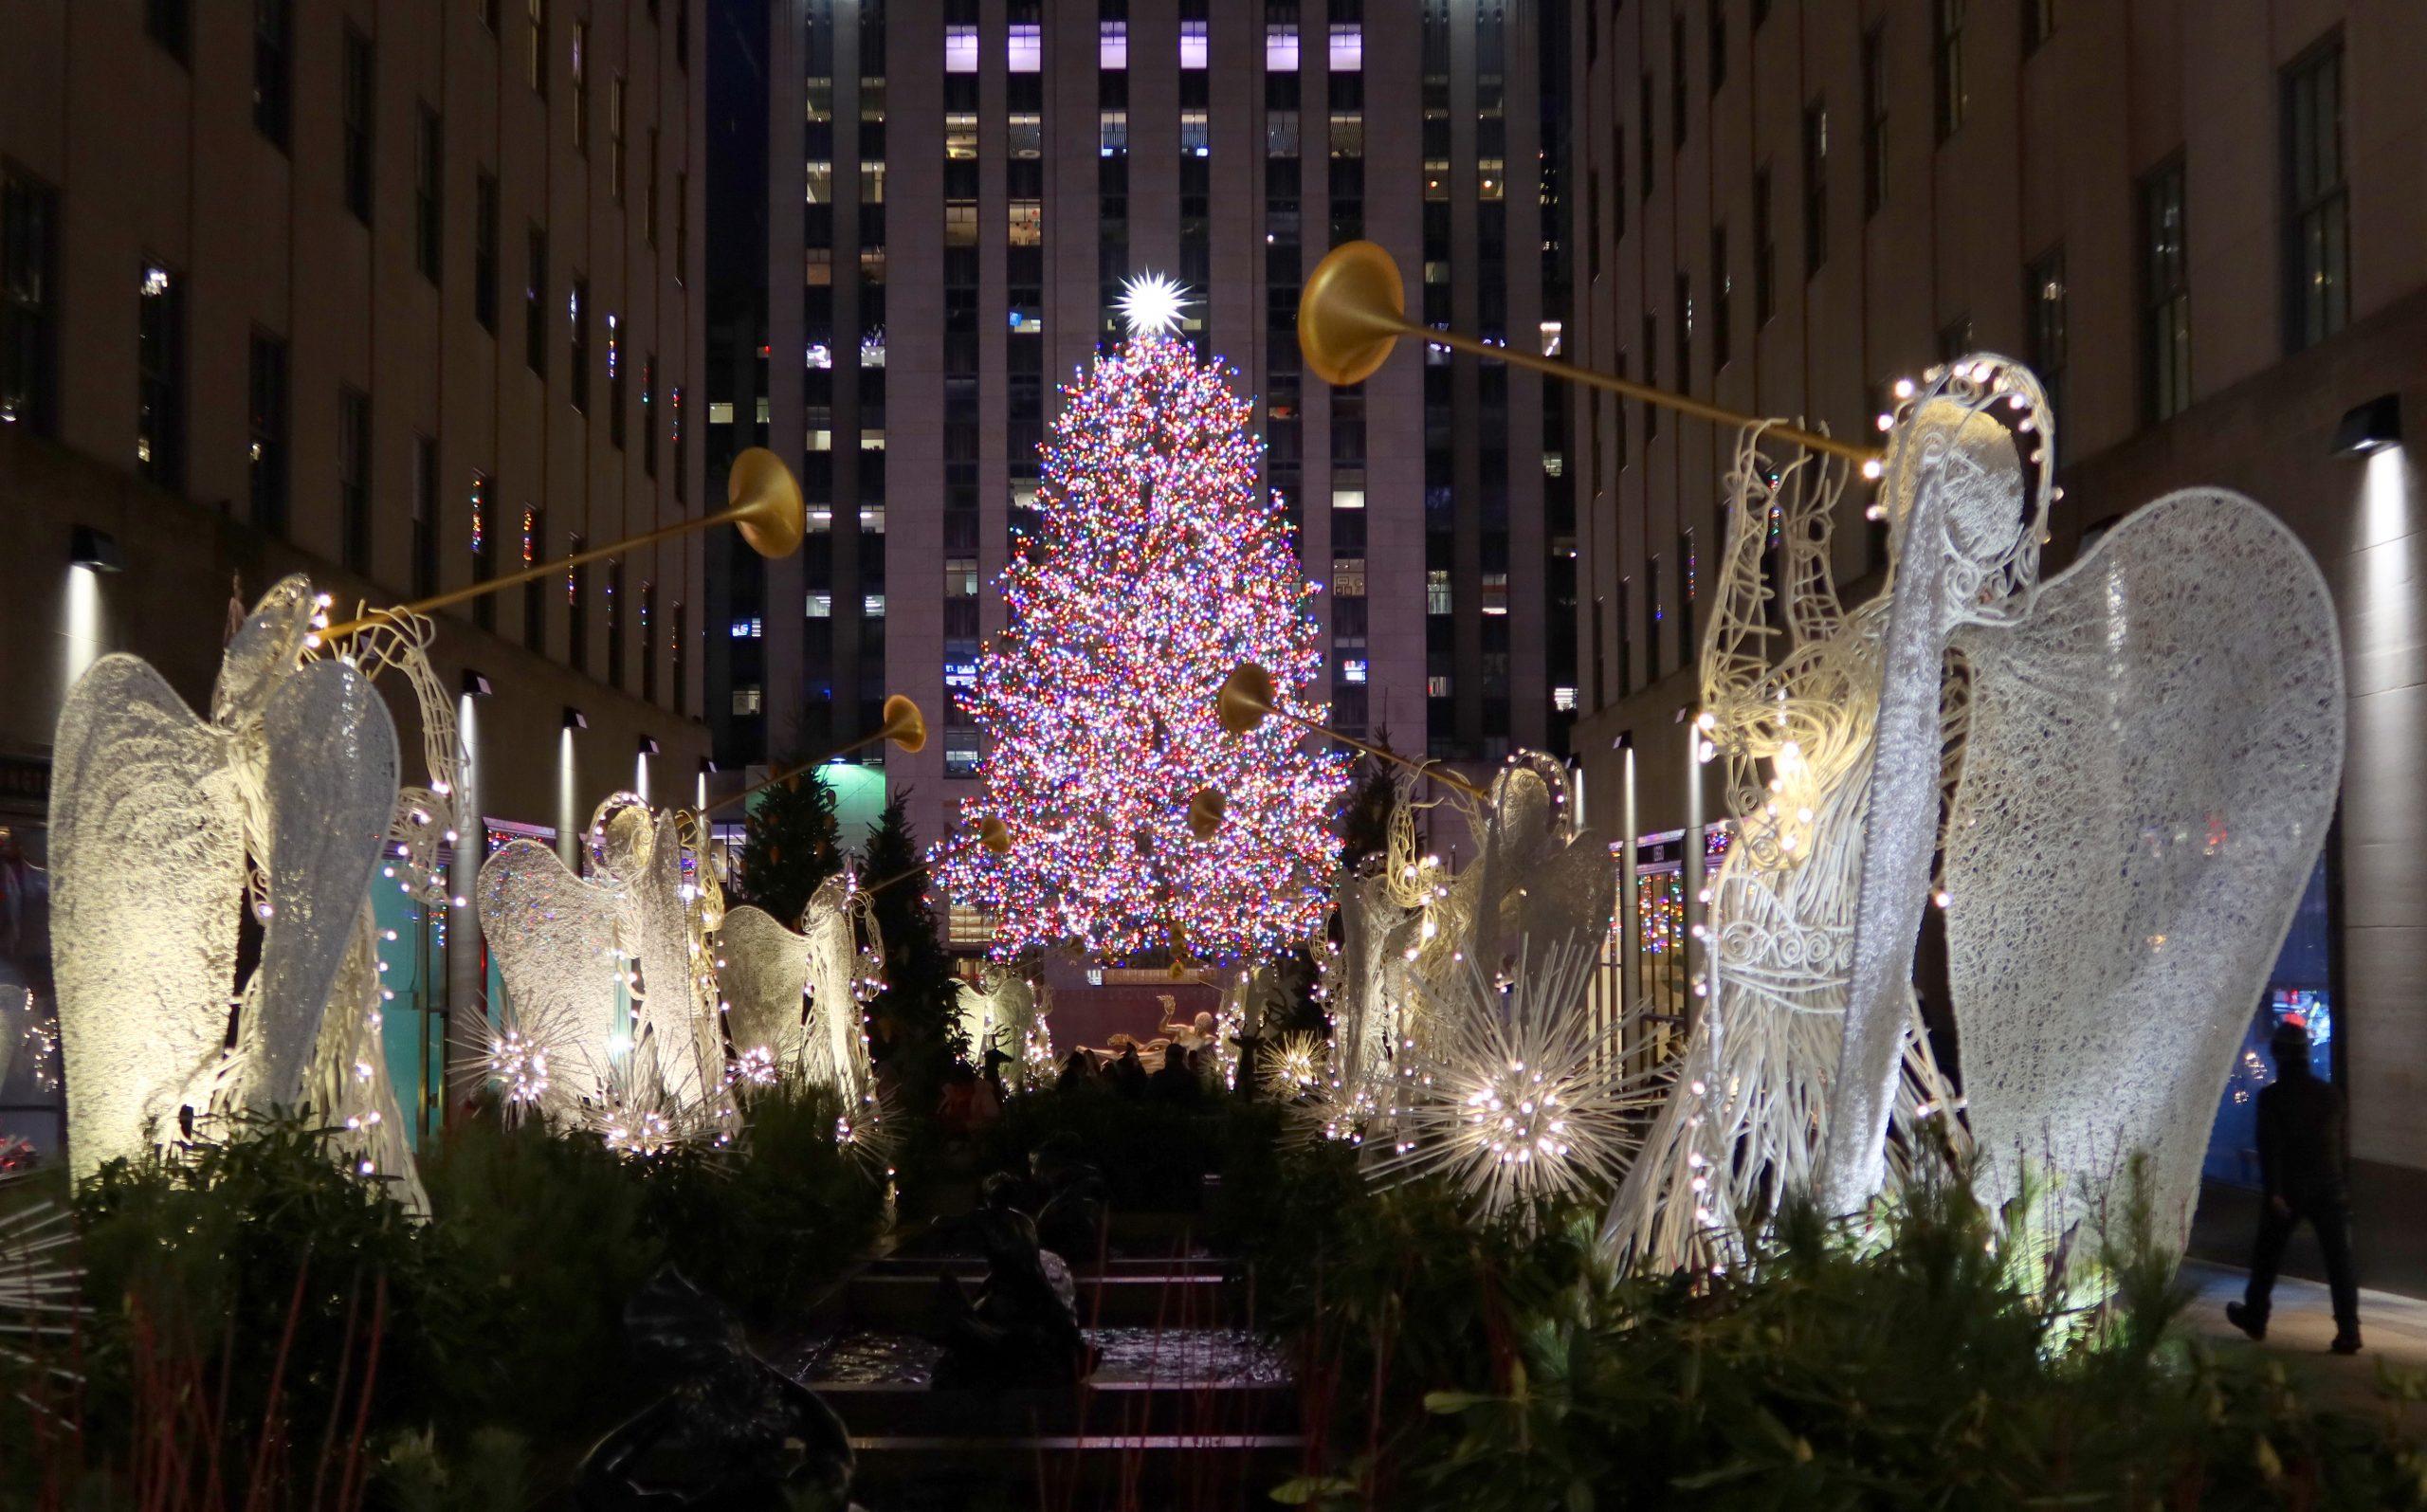 Christmas in New York: Rockefeller Center Christmas Tree in New York City